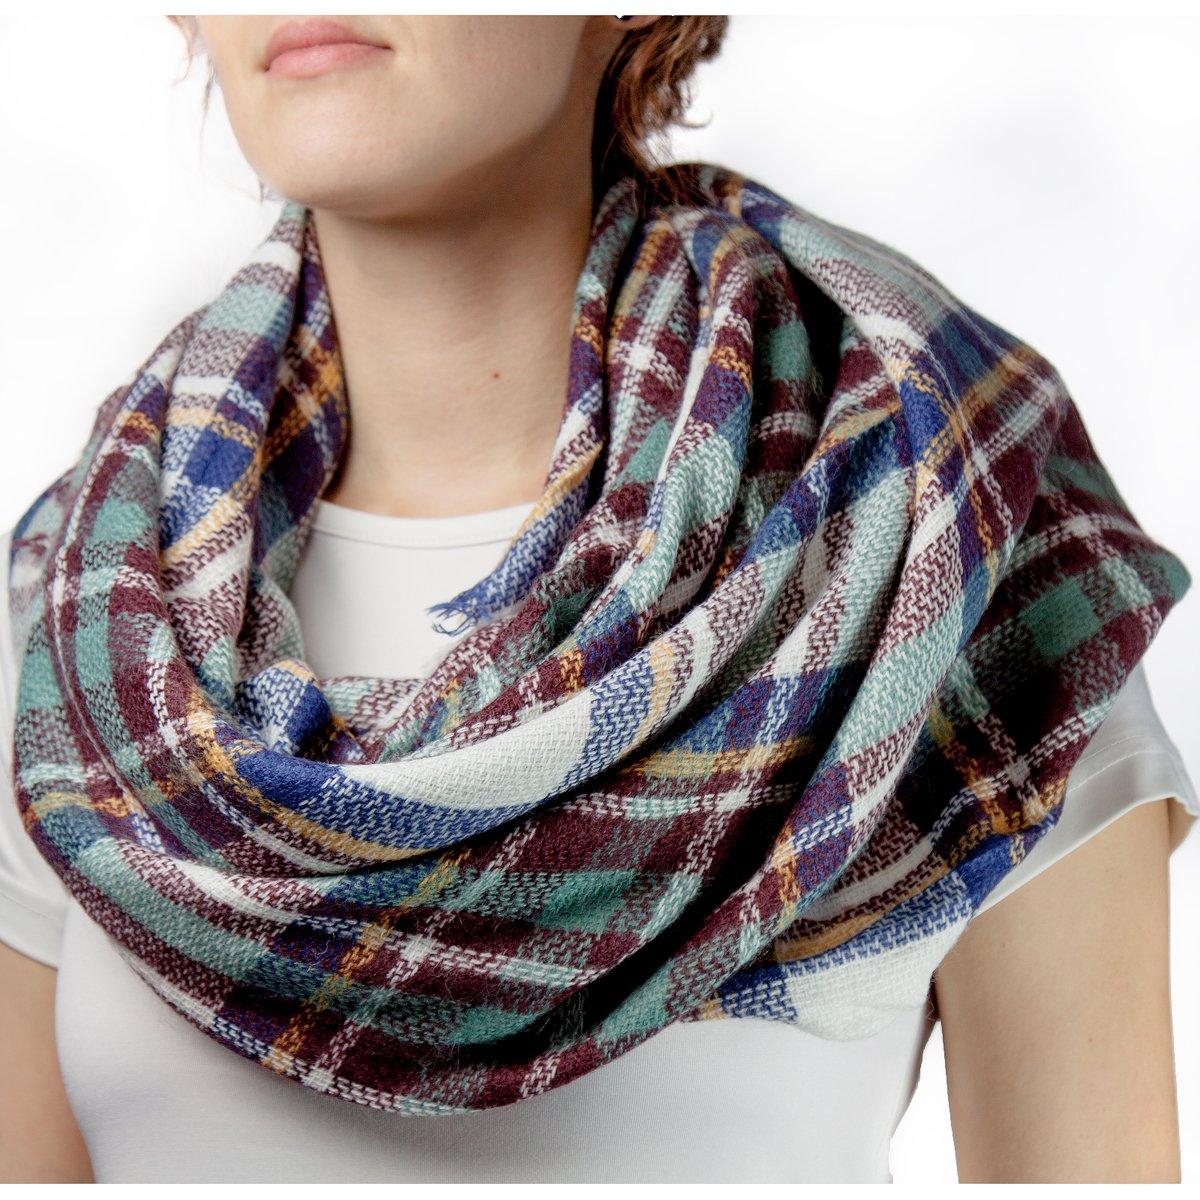 Oramics elegante mujer cuello de toalla Poncho/–Cortina 140x 140cm sobre Varios Colores, azul-marrón...